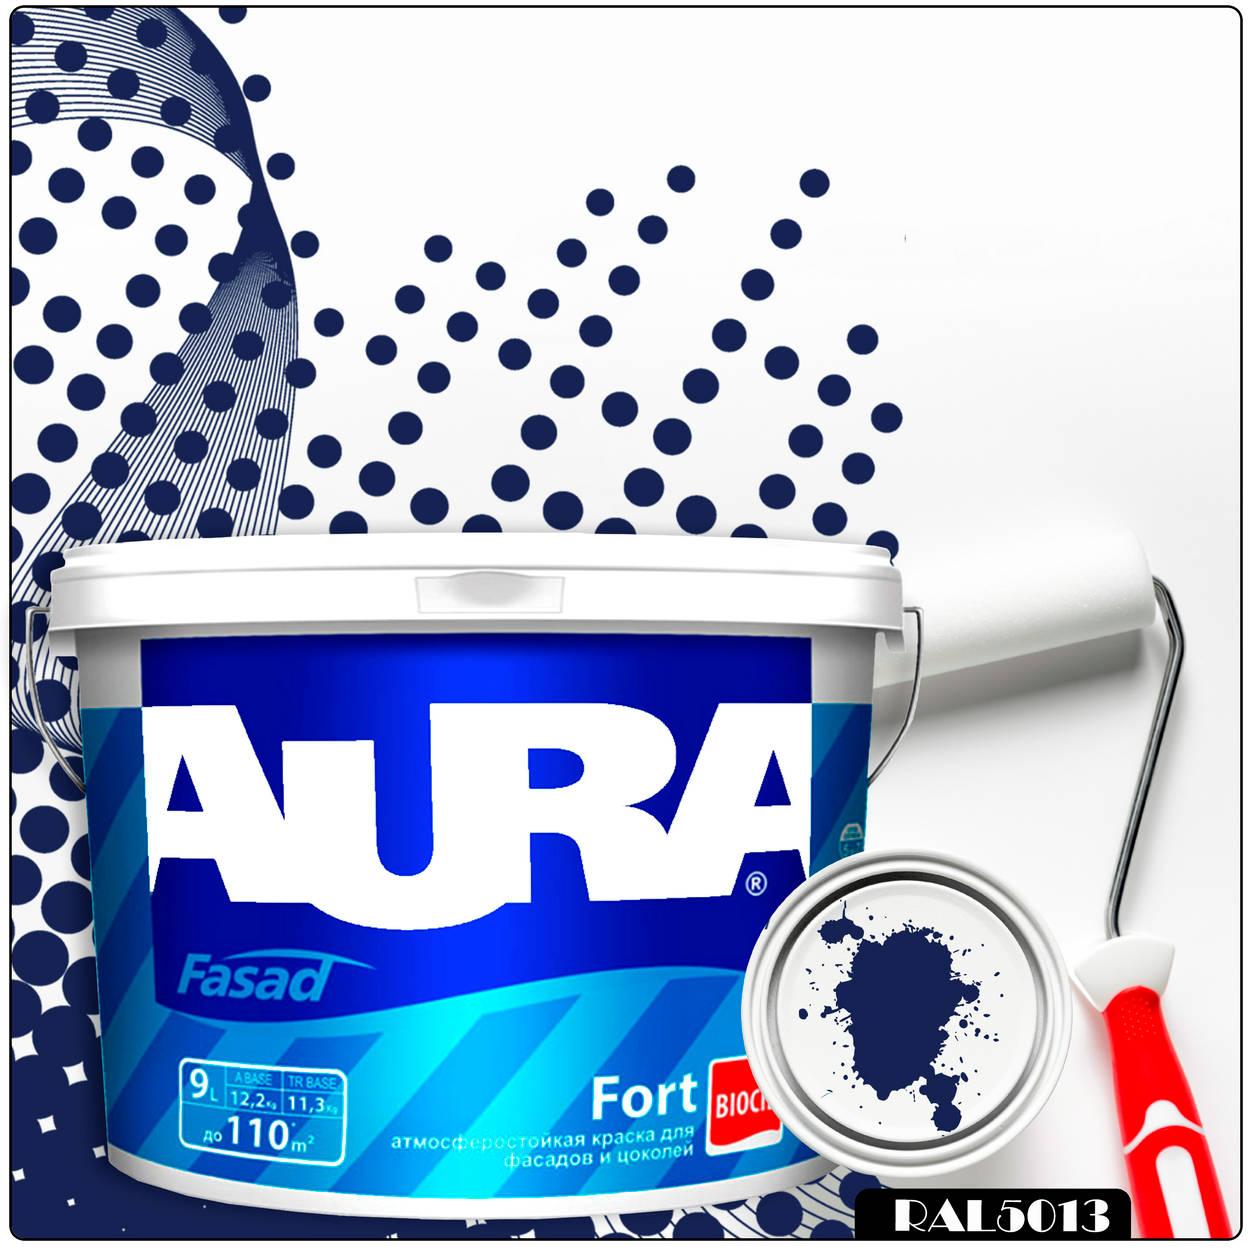 Фото 13 - Краска Aura Fasad Fort, RAL 5013 Кобальтово-синий, латексная, матовая, для фасада и цоколей, 9л, Аура.